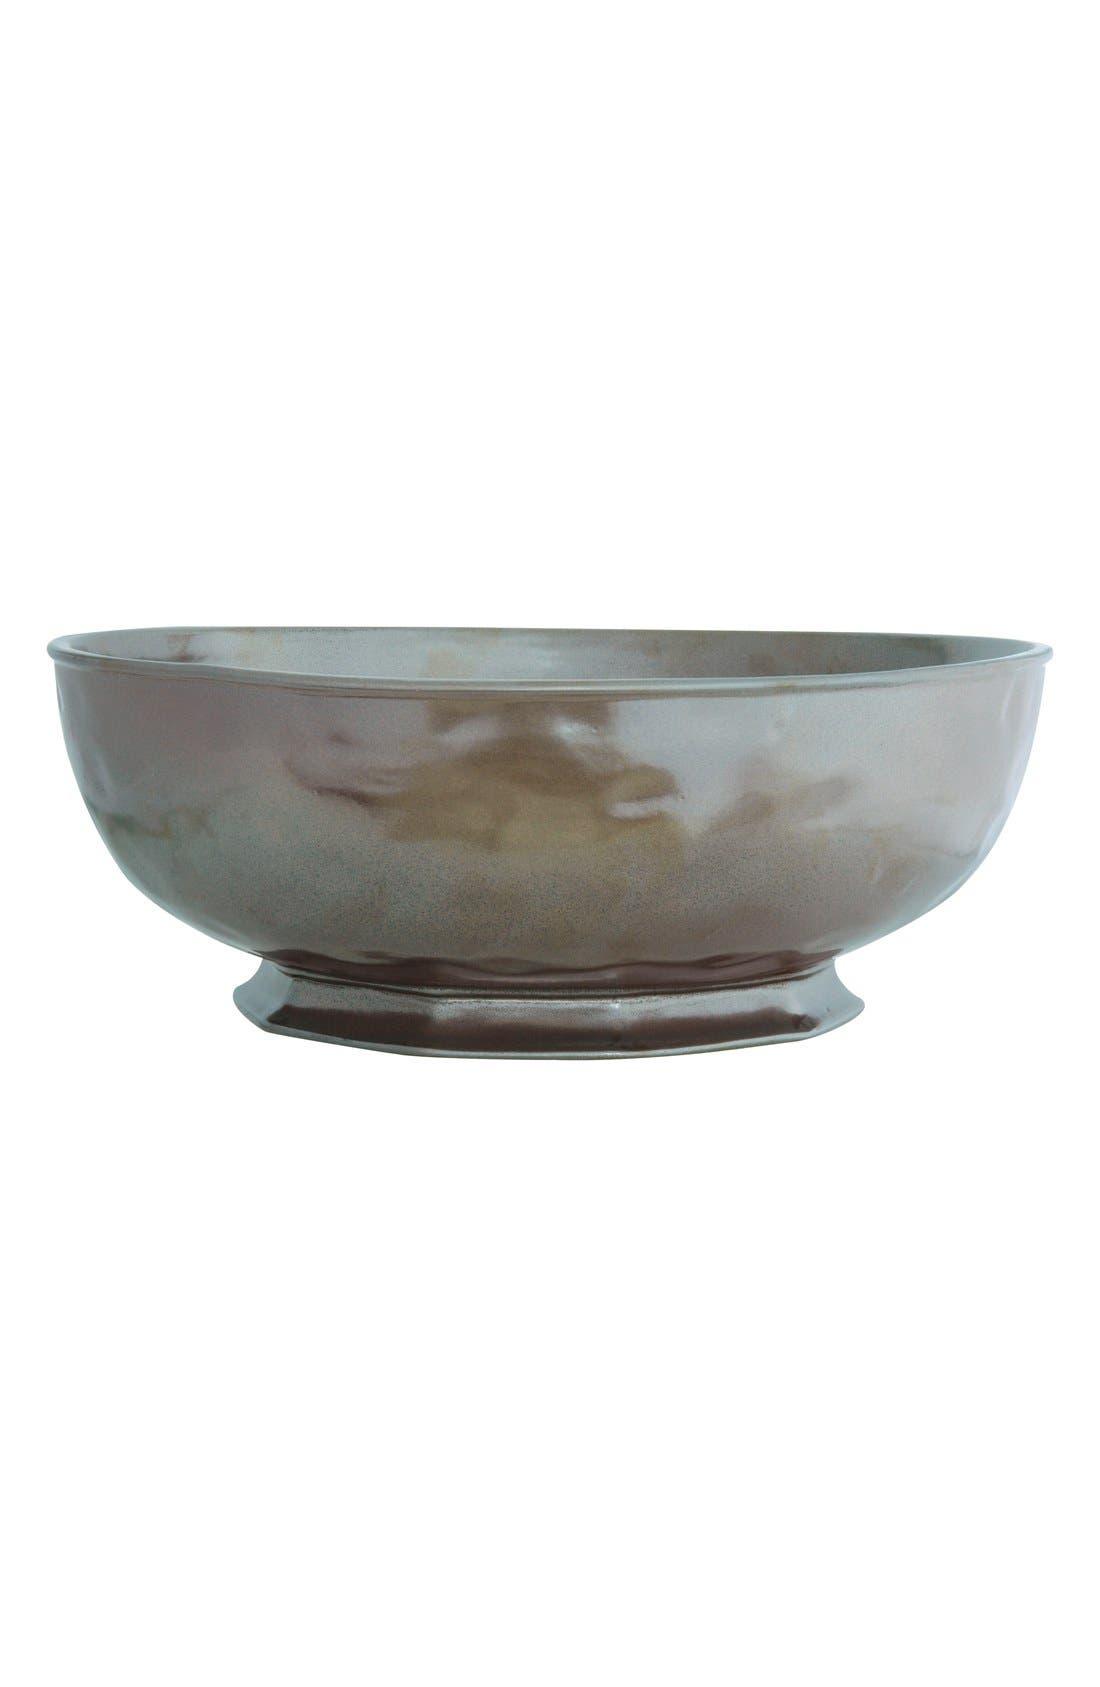 Alternate Image 1 Selected - JuliskaPewter Stoneware Serving Bowl